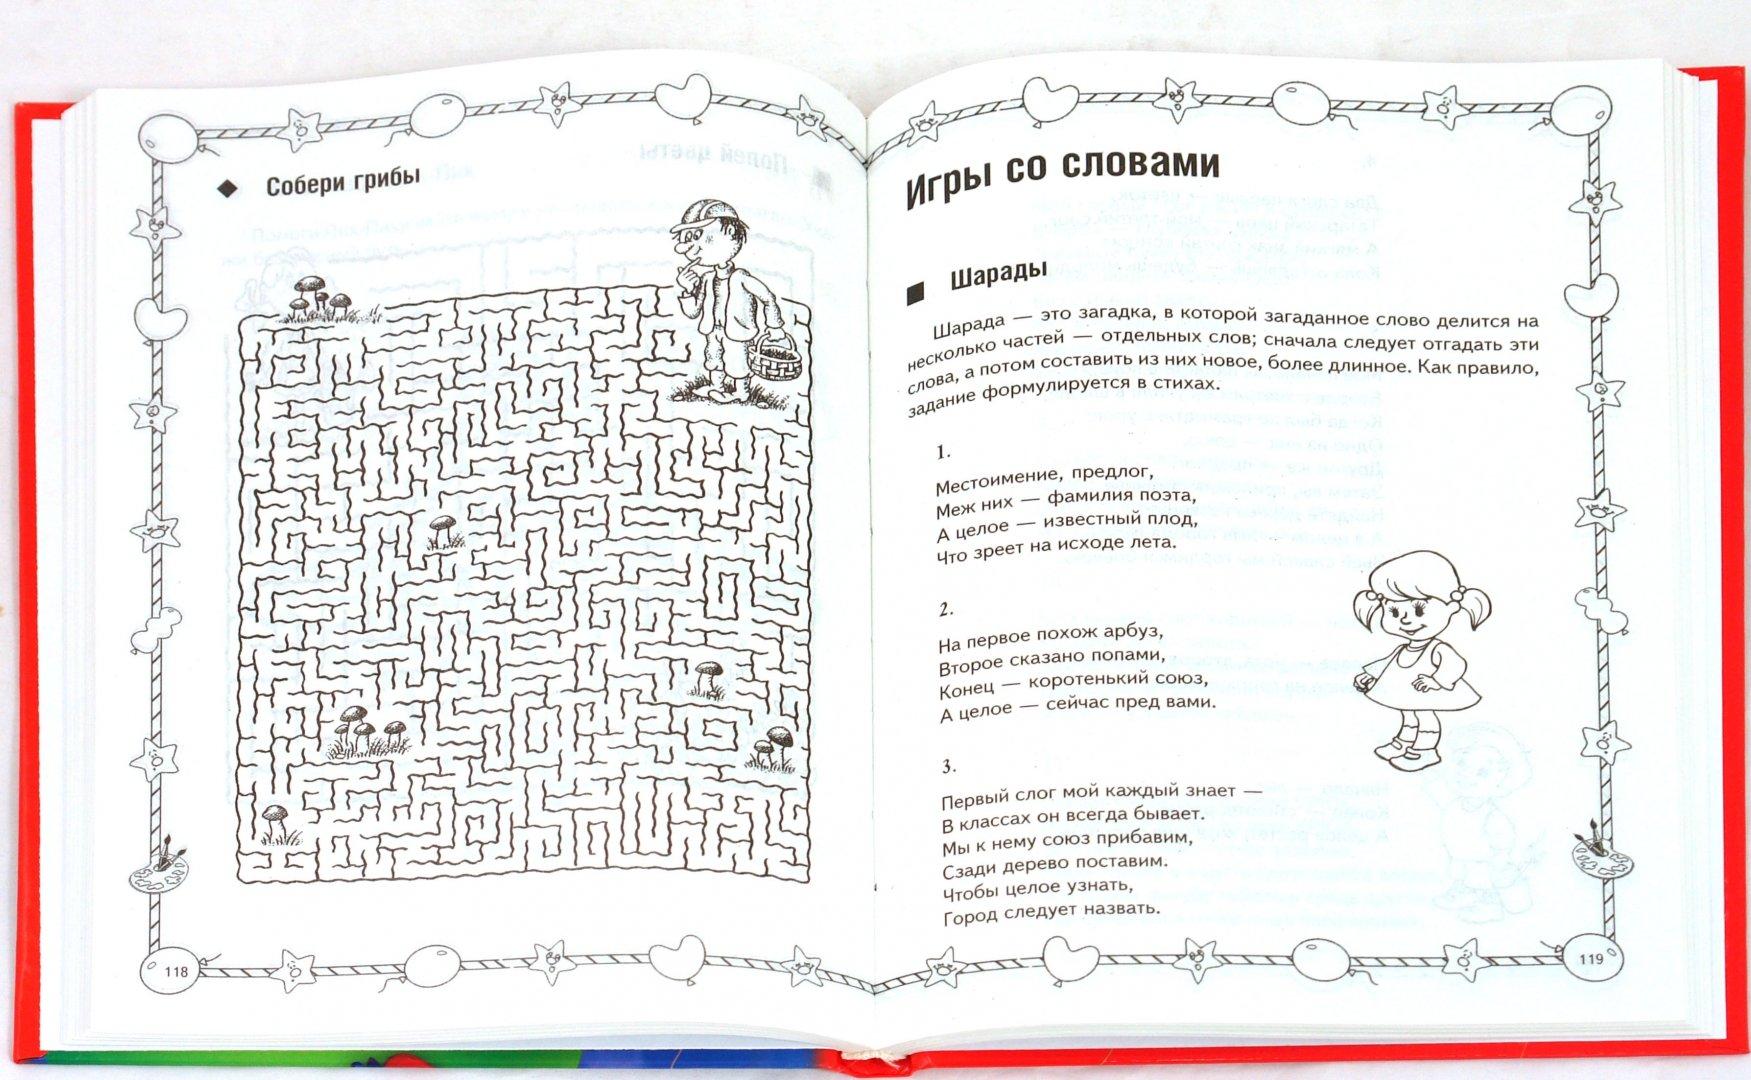 Иллюстрация 1 из 21 для Умная книга для умных малышей. Игры, задания, загадки, кроссворды, головоломки, шарады, ребусы - Любовь Чурина   Лабиринт - книги. Источник: Лабиринт